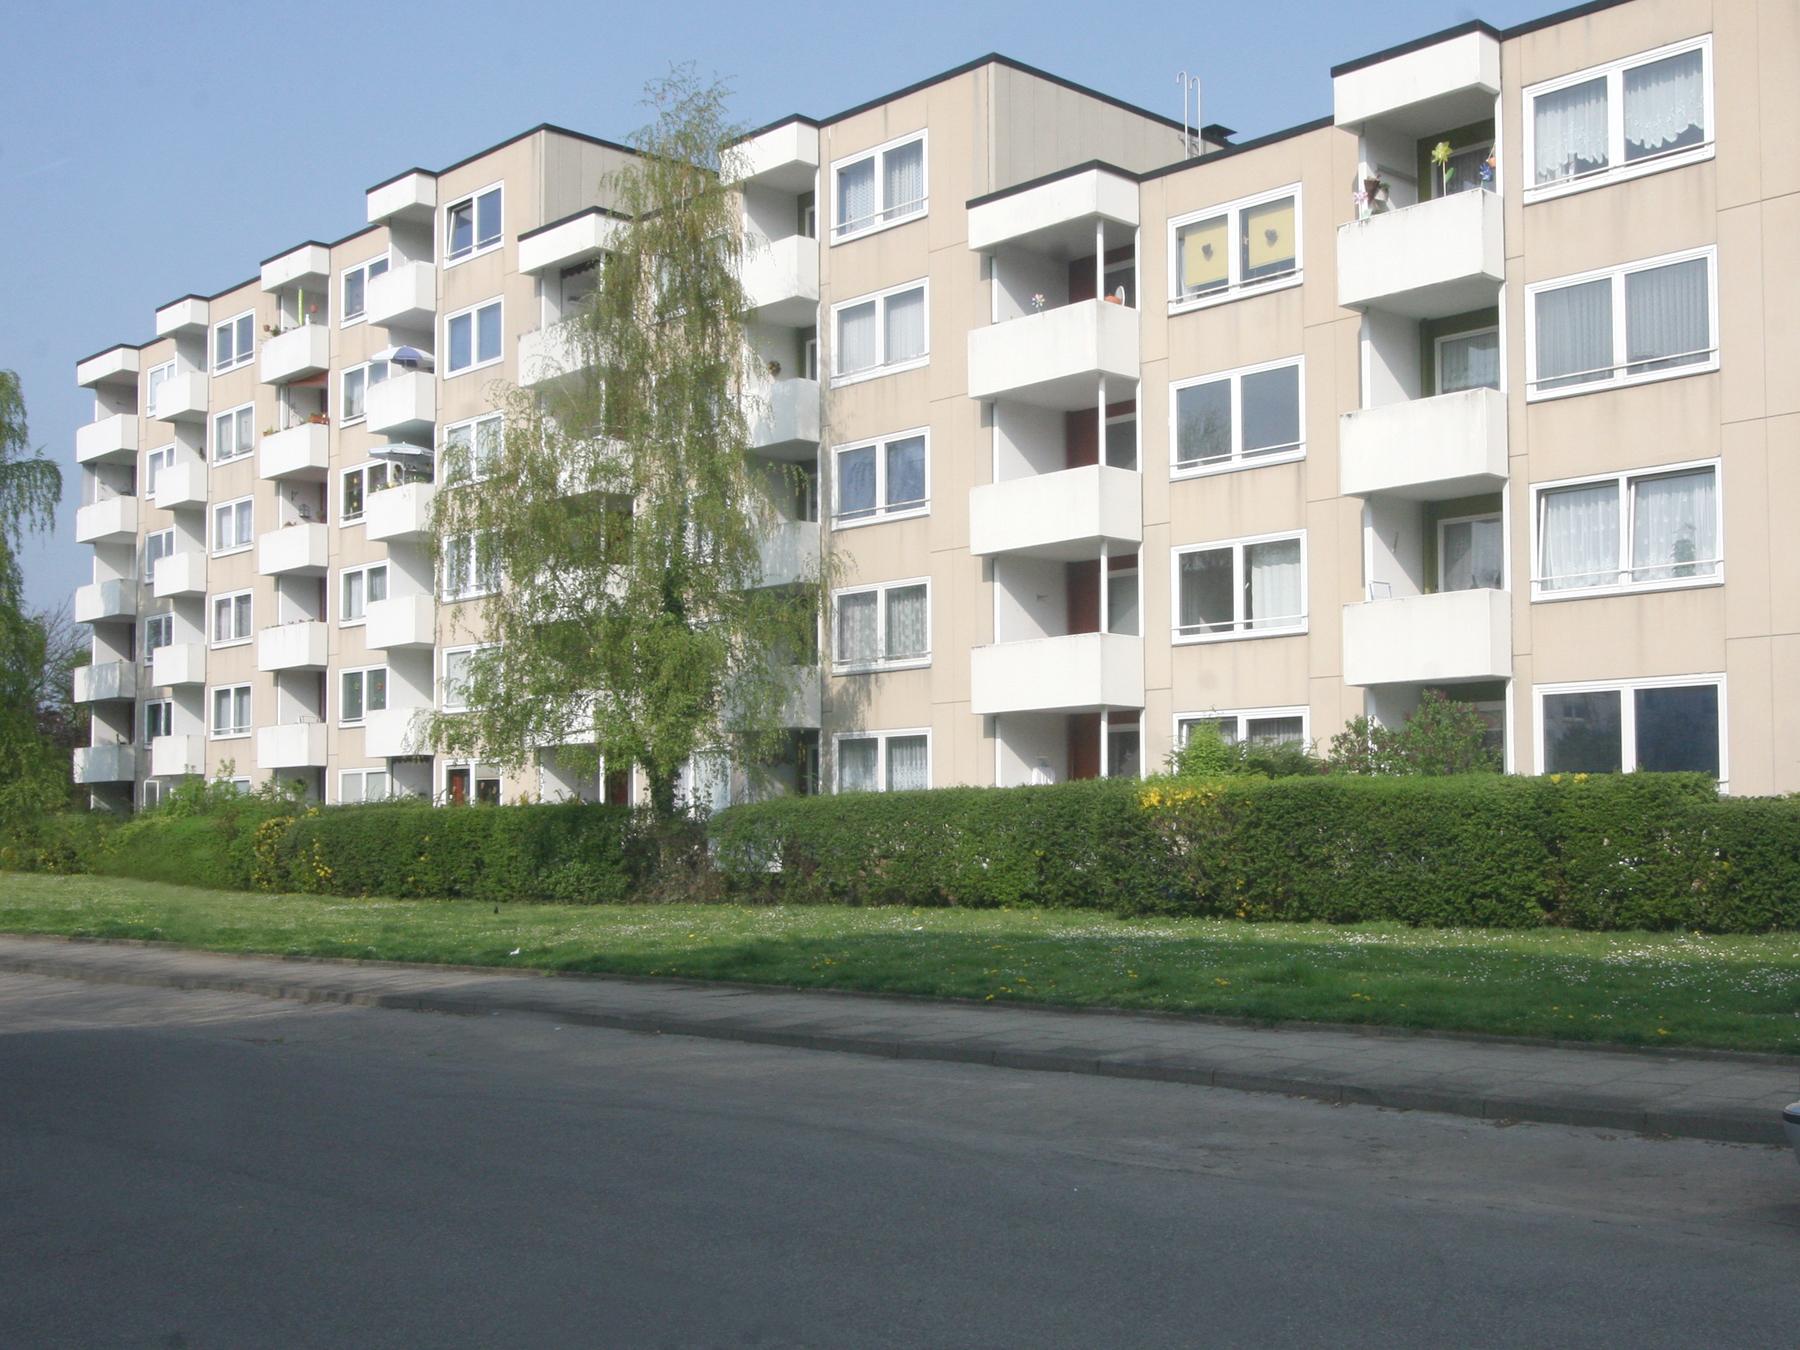 Stückenfeldstraße. 13 - 15.jpg